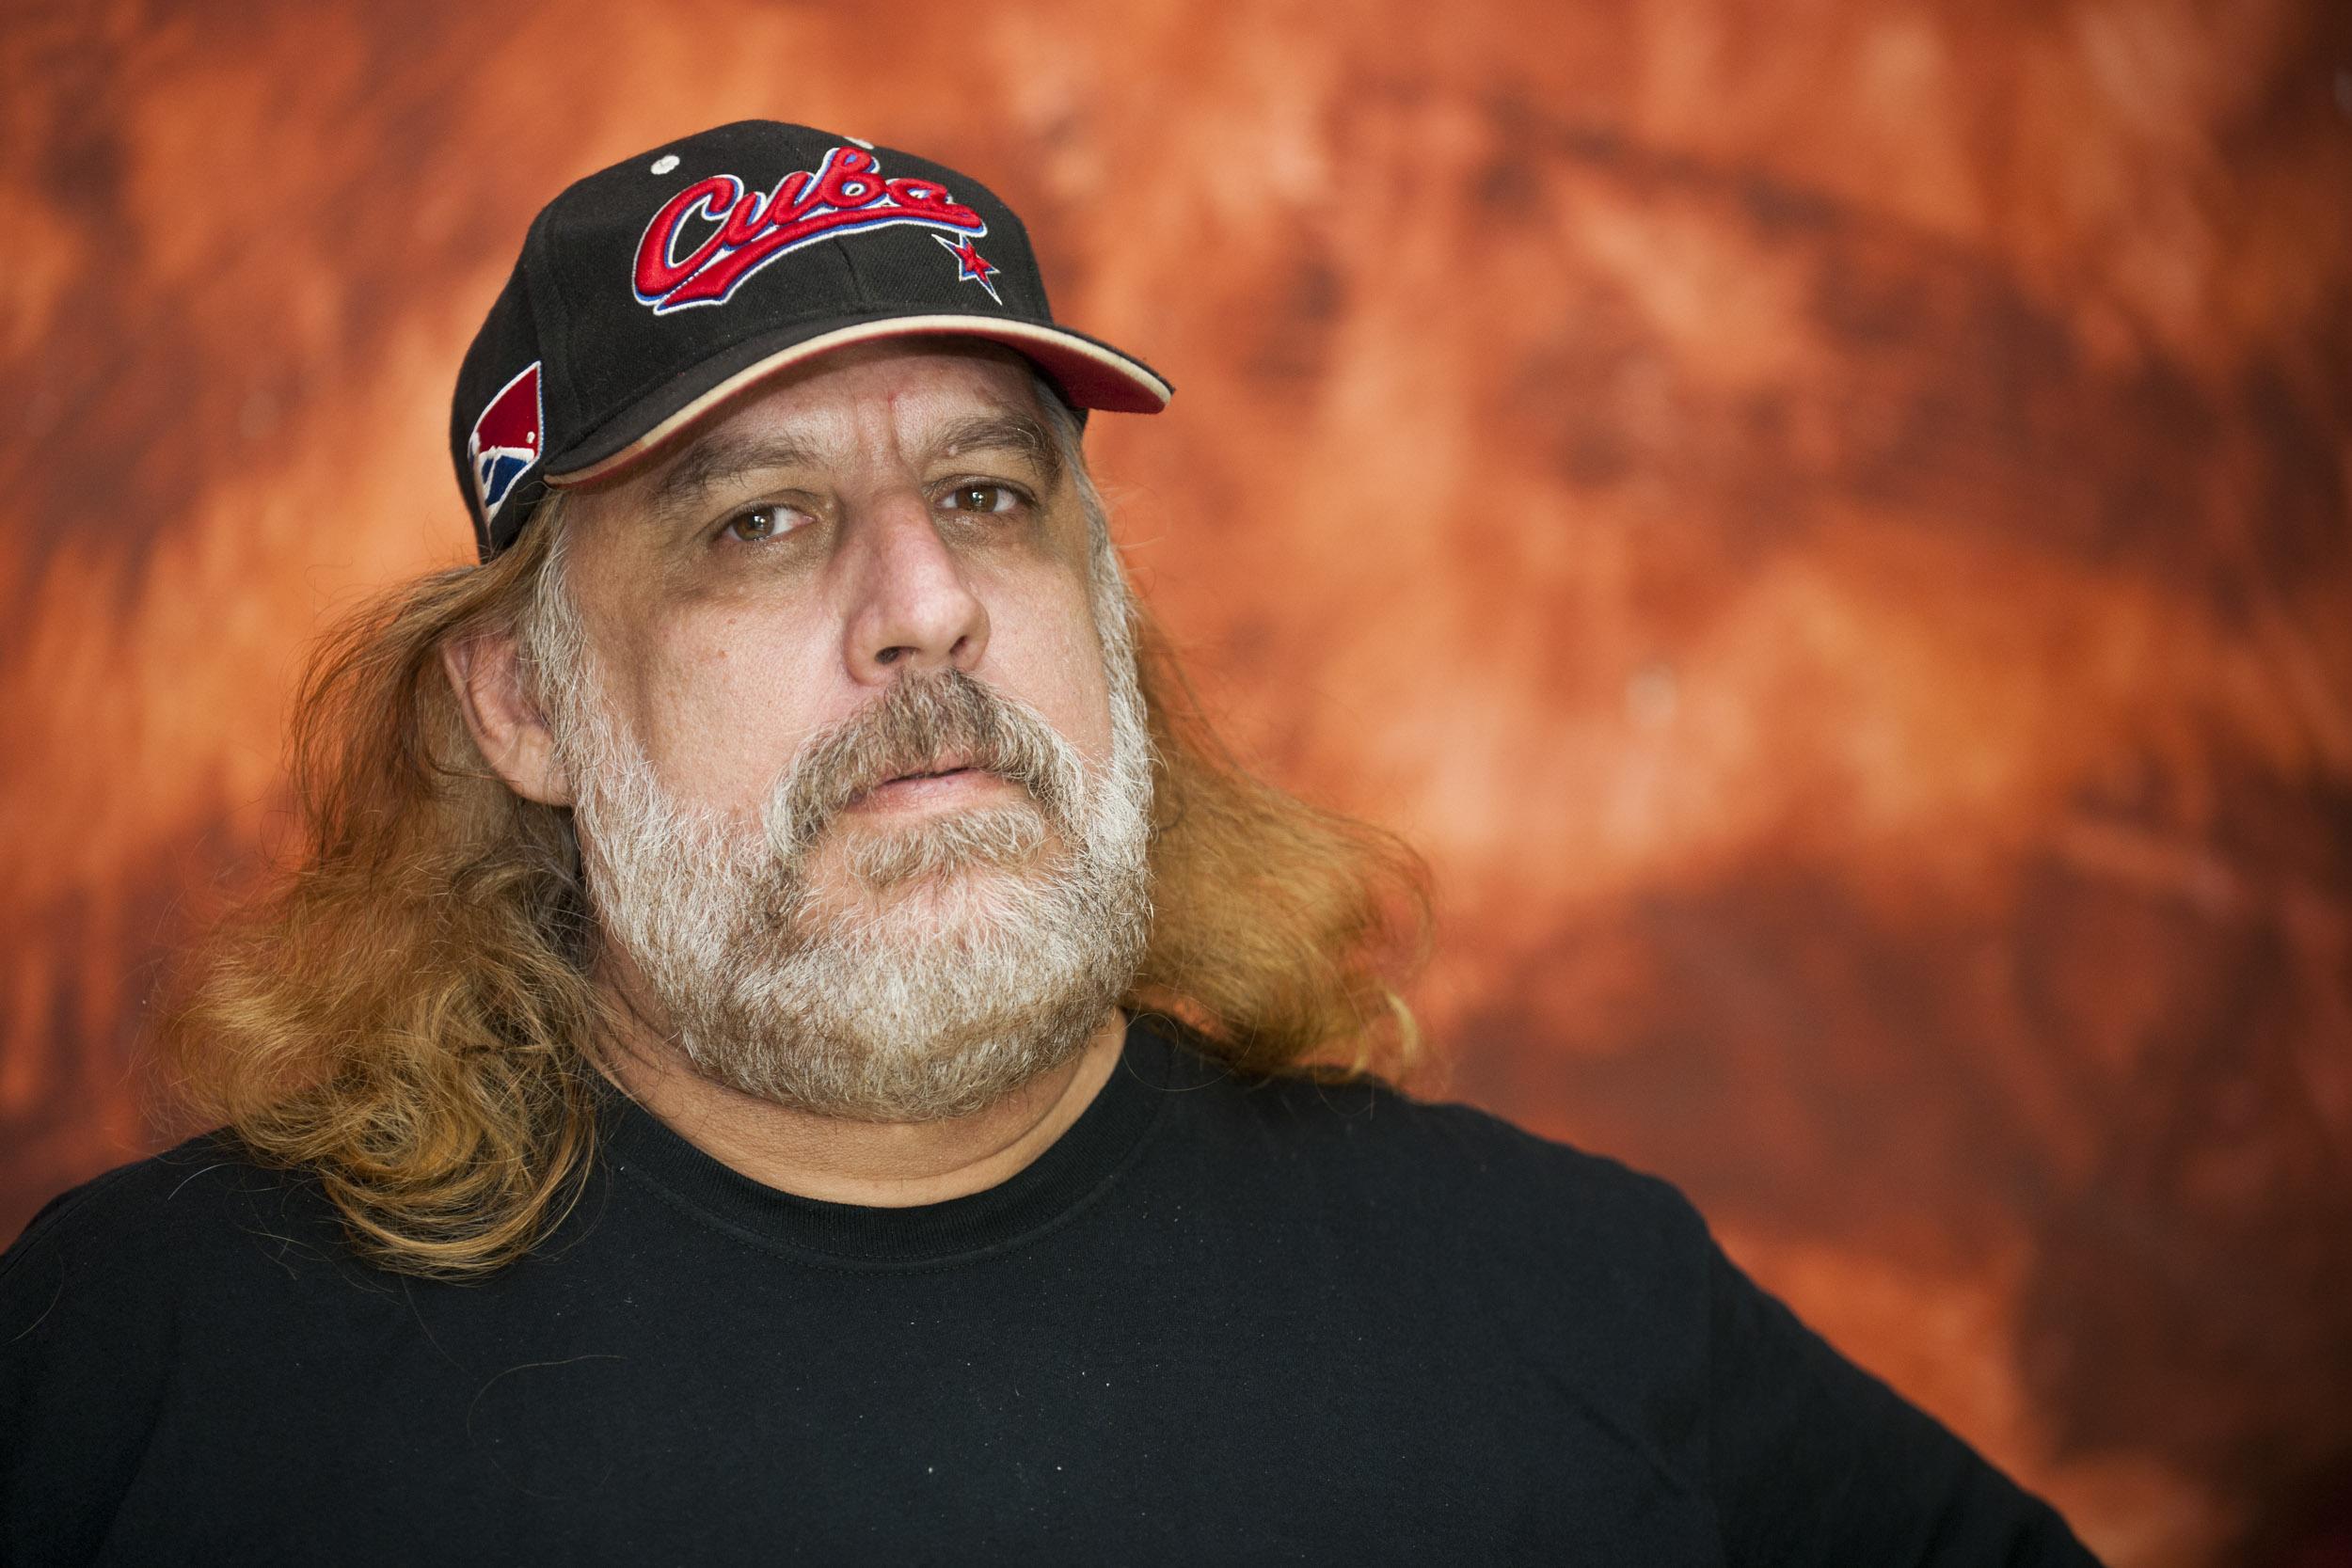 Frank Delgado, musician - Illuminated Cuba - Hector Garrido, Aerial and human photography